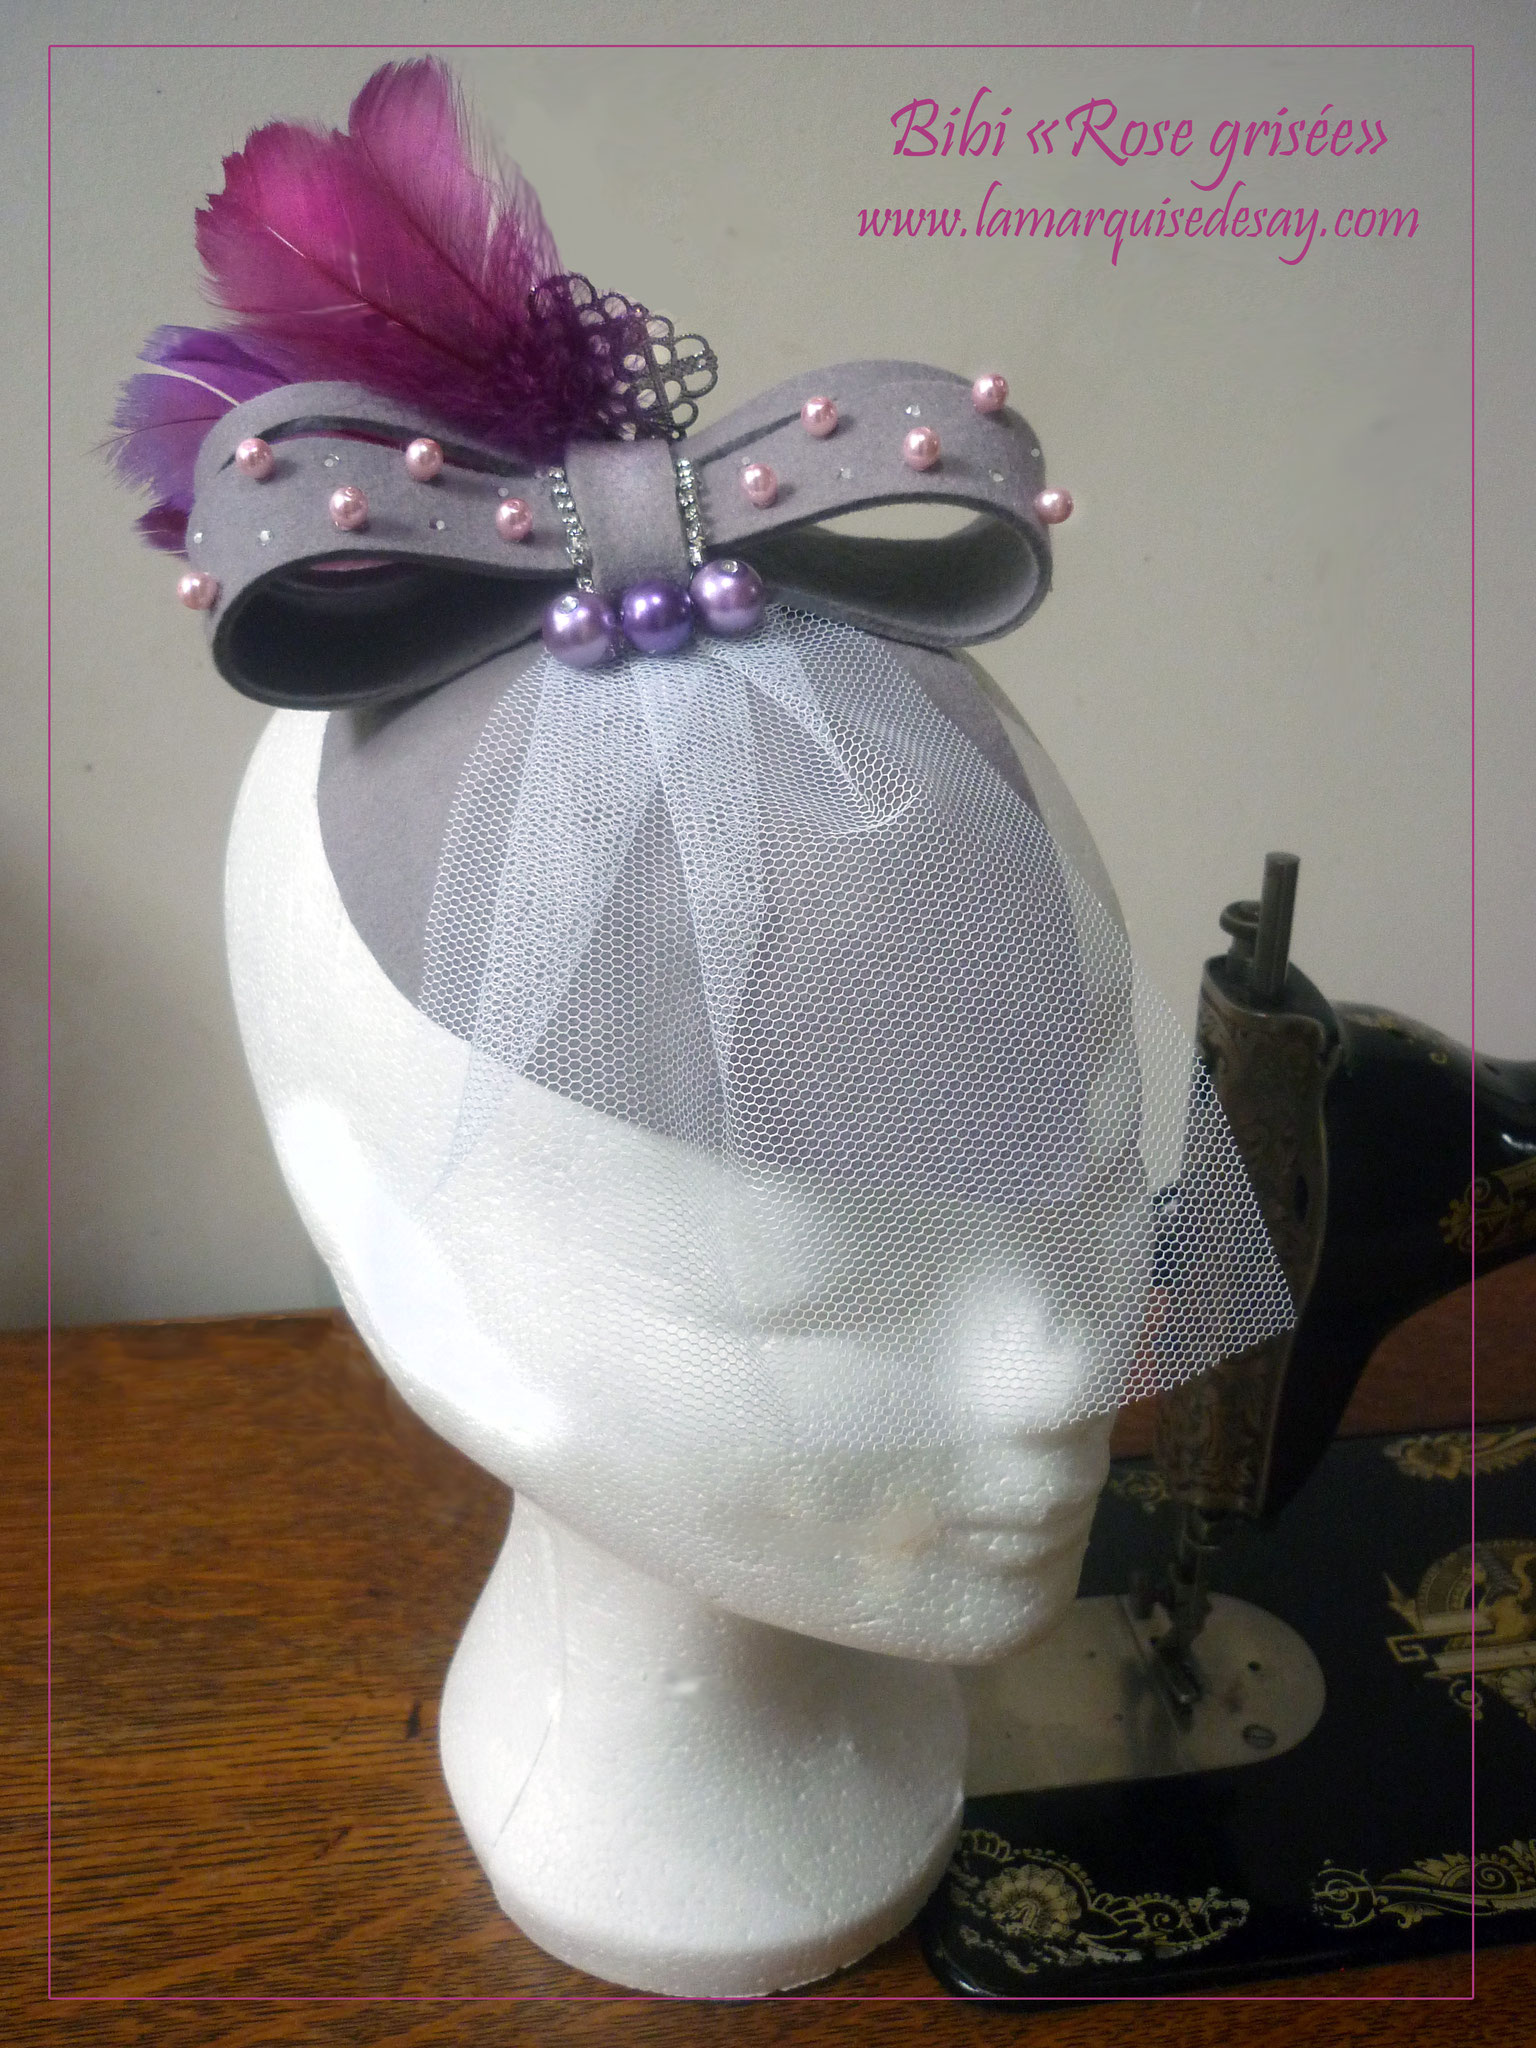 Bibi fascinator Rose grisée - Feutre gris moulé, strass, plumes, perles - Demande sur-mesure